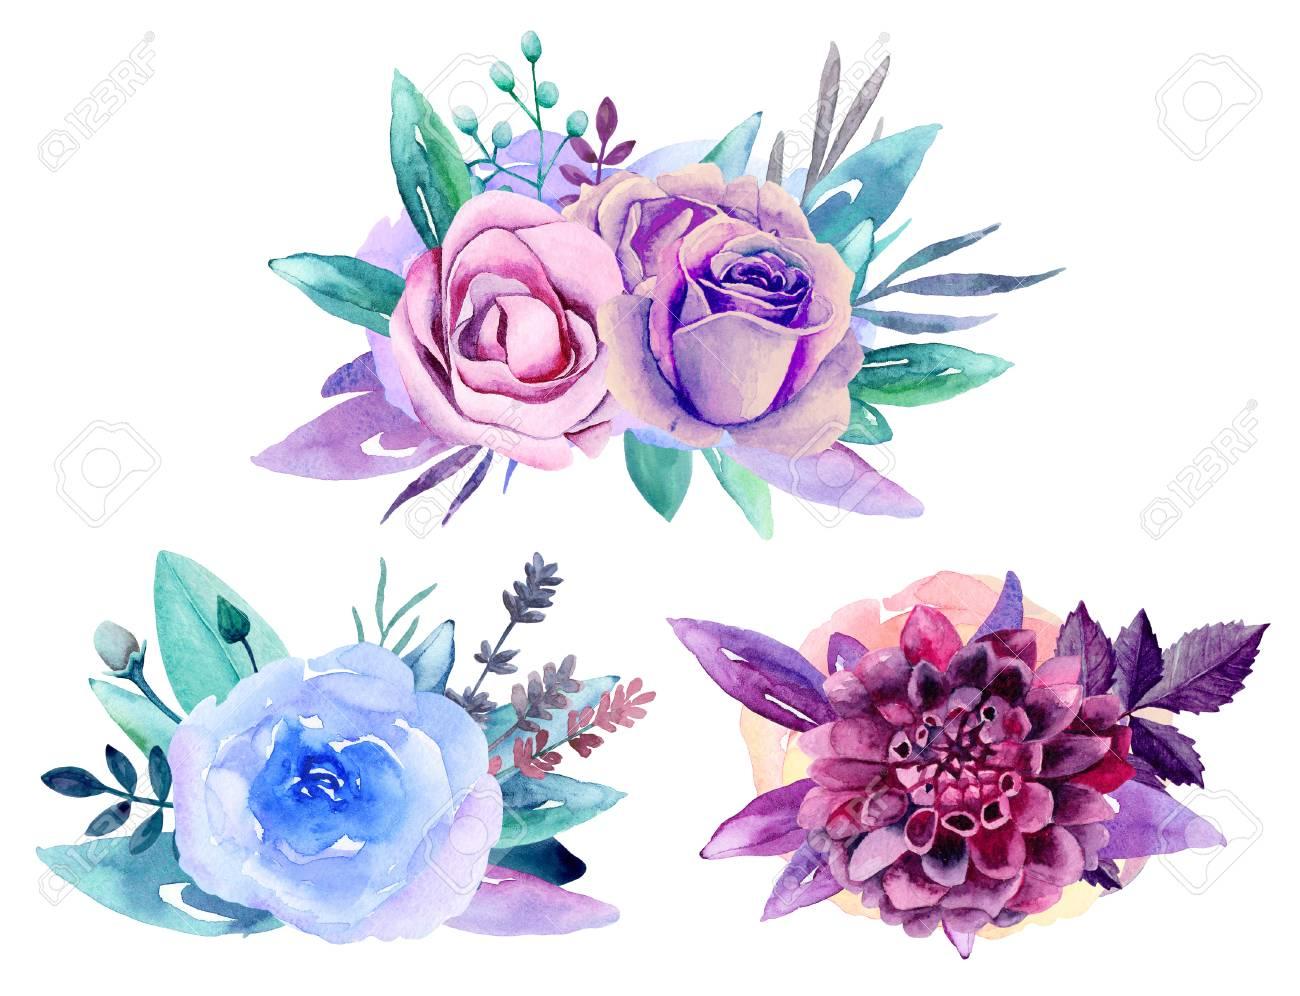 Purple Floral Bouquet Clip Art. Blue Watercolor Flowers Arrangement ...